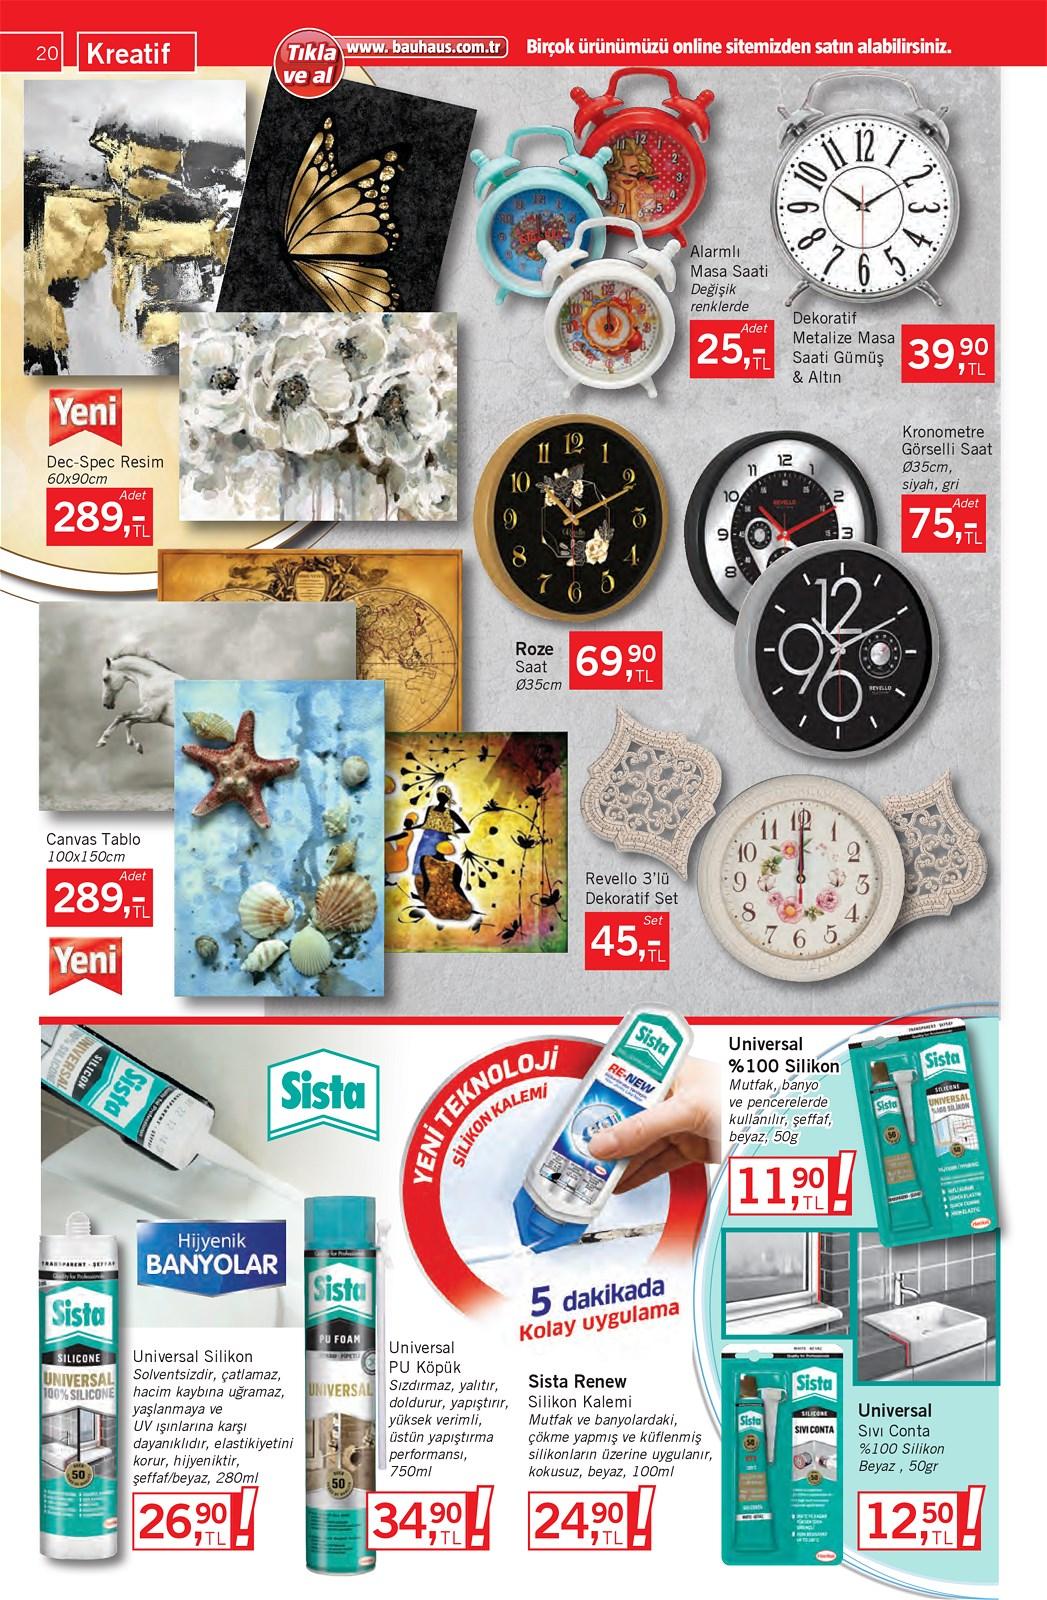 09.01.2021 Bauhaus broşürü 20. sayfa